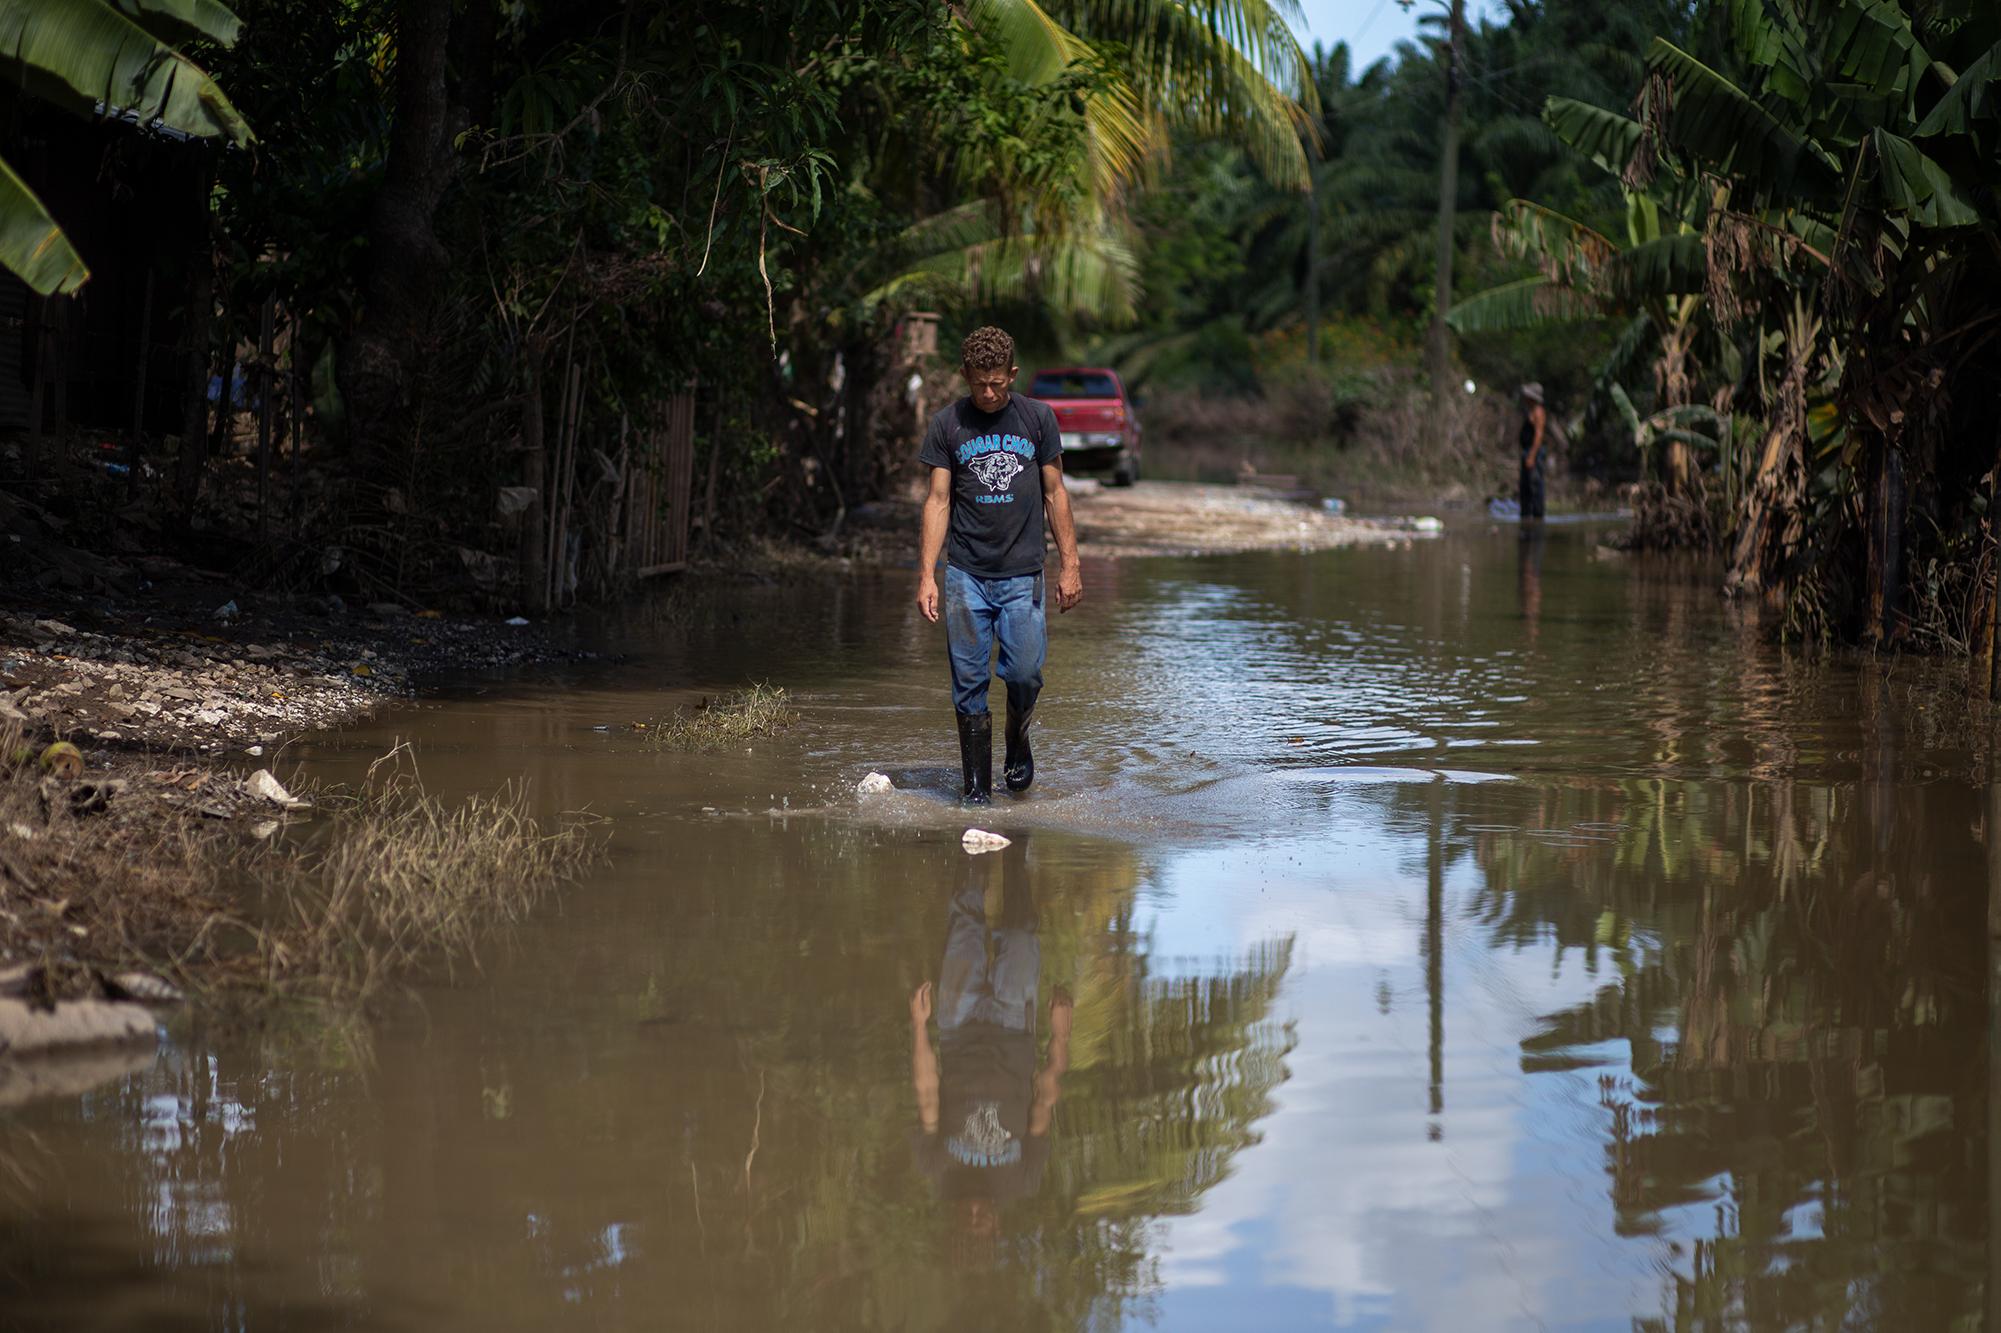 En la comunidad de Los Cruces en Baracoa, los estragos de la inundación siguen visibles. Un hombre atraviesa una calle convertida en río por las inundaciones tras el paso de la tormenta tropical Eta, en este punto se corta el paso hacia las comunidades adentro donde la crecida del río Chamelecón es superior. Baracoa, Cortés, 15 de noviembre de 2020. Foto: Martín Cálix.